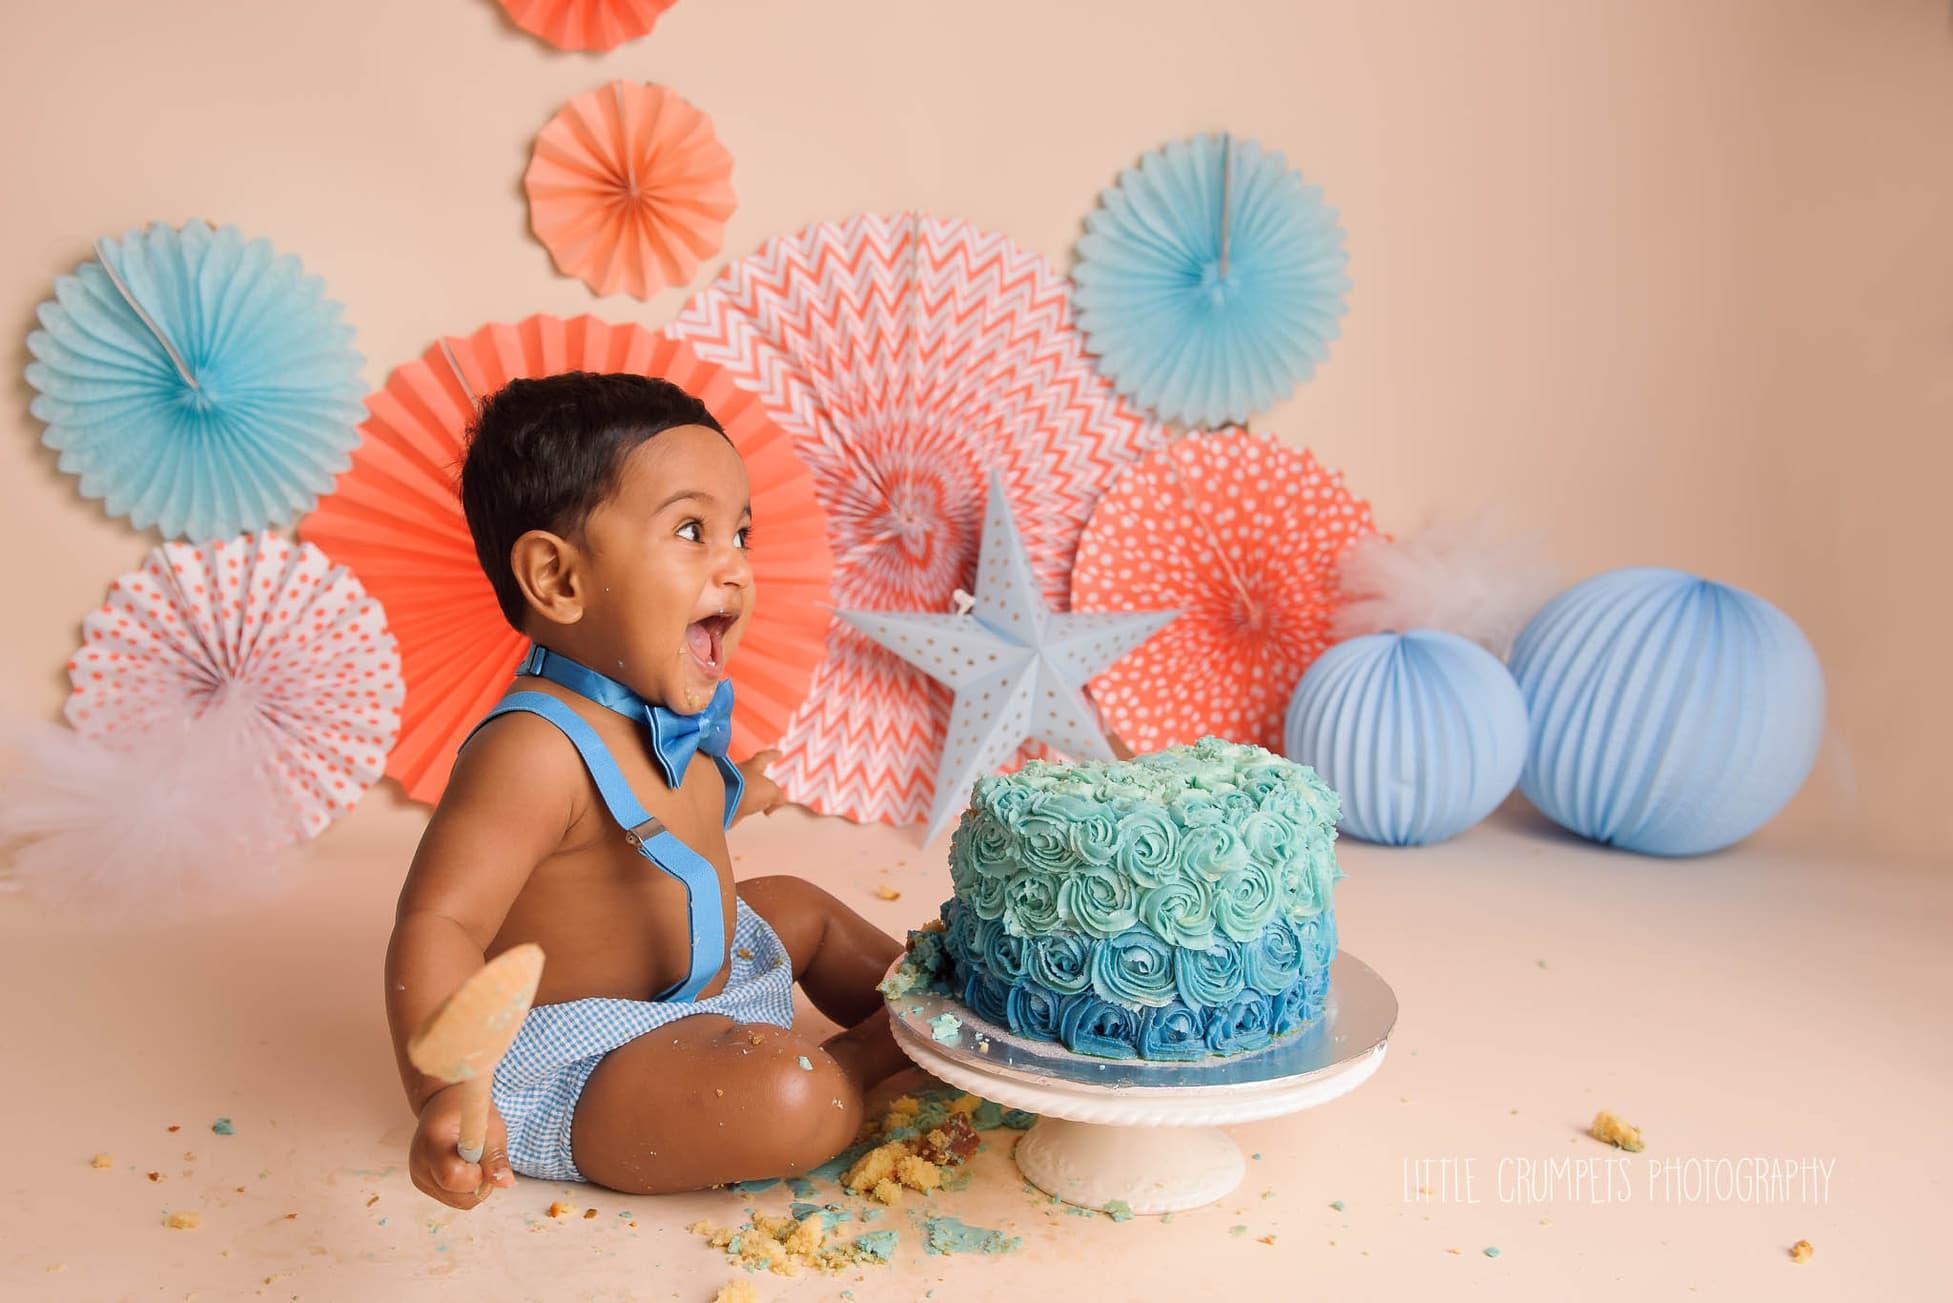 cake-smash-photography-london-93